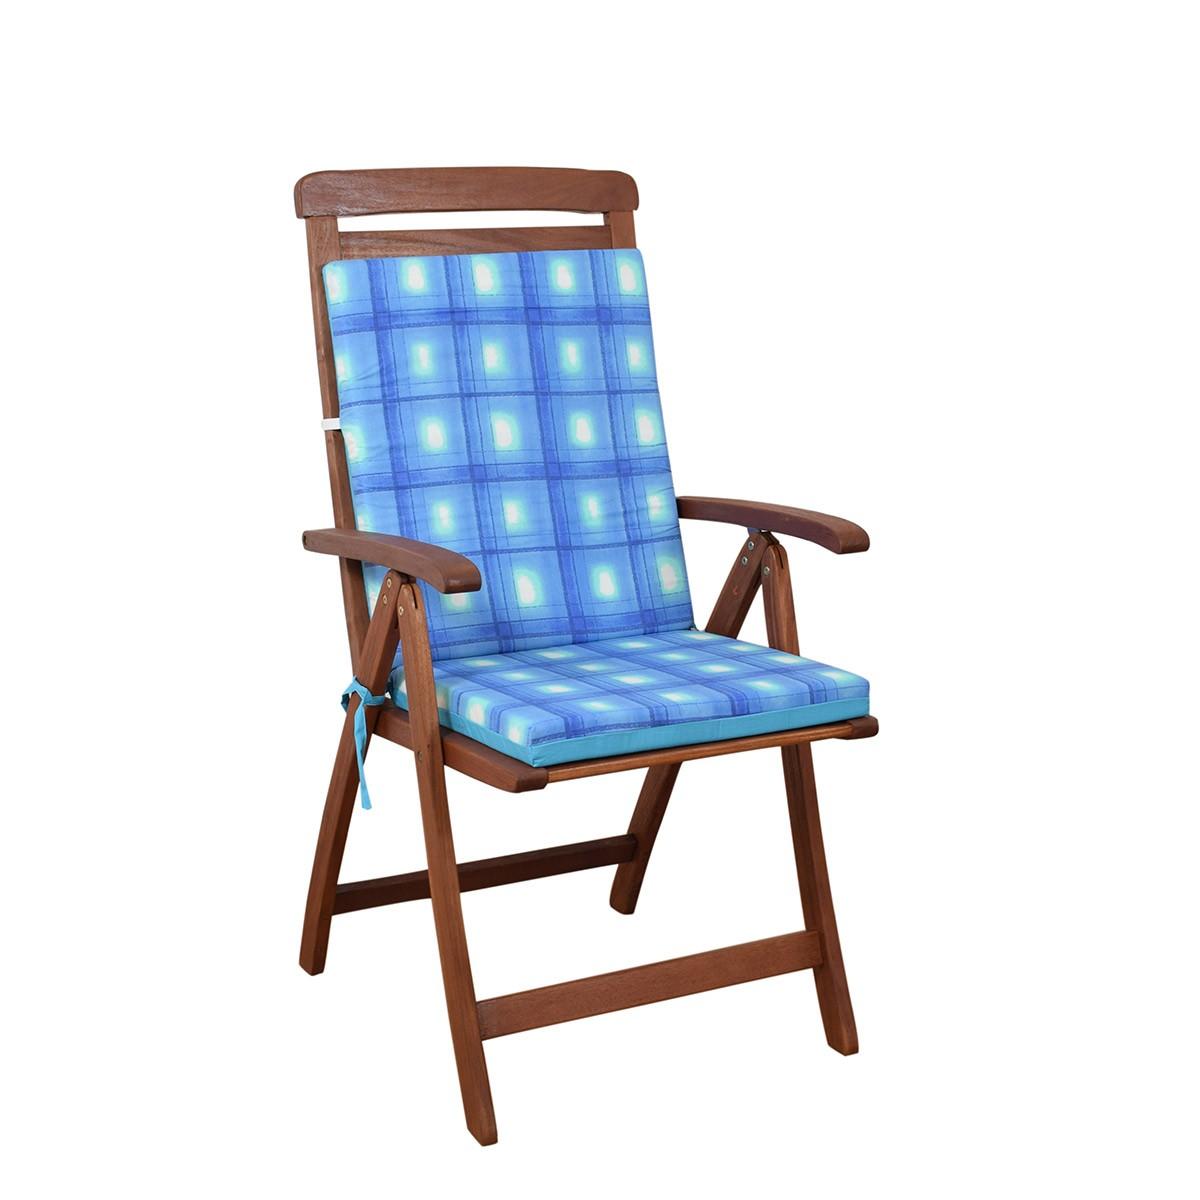 Μαξιλάρι Καρέκλας Πλάτη/Φερμουάρ 2 Όψεων Fratoni DobleCara Blue